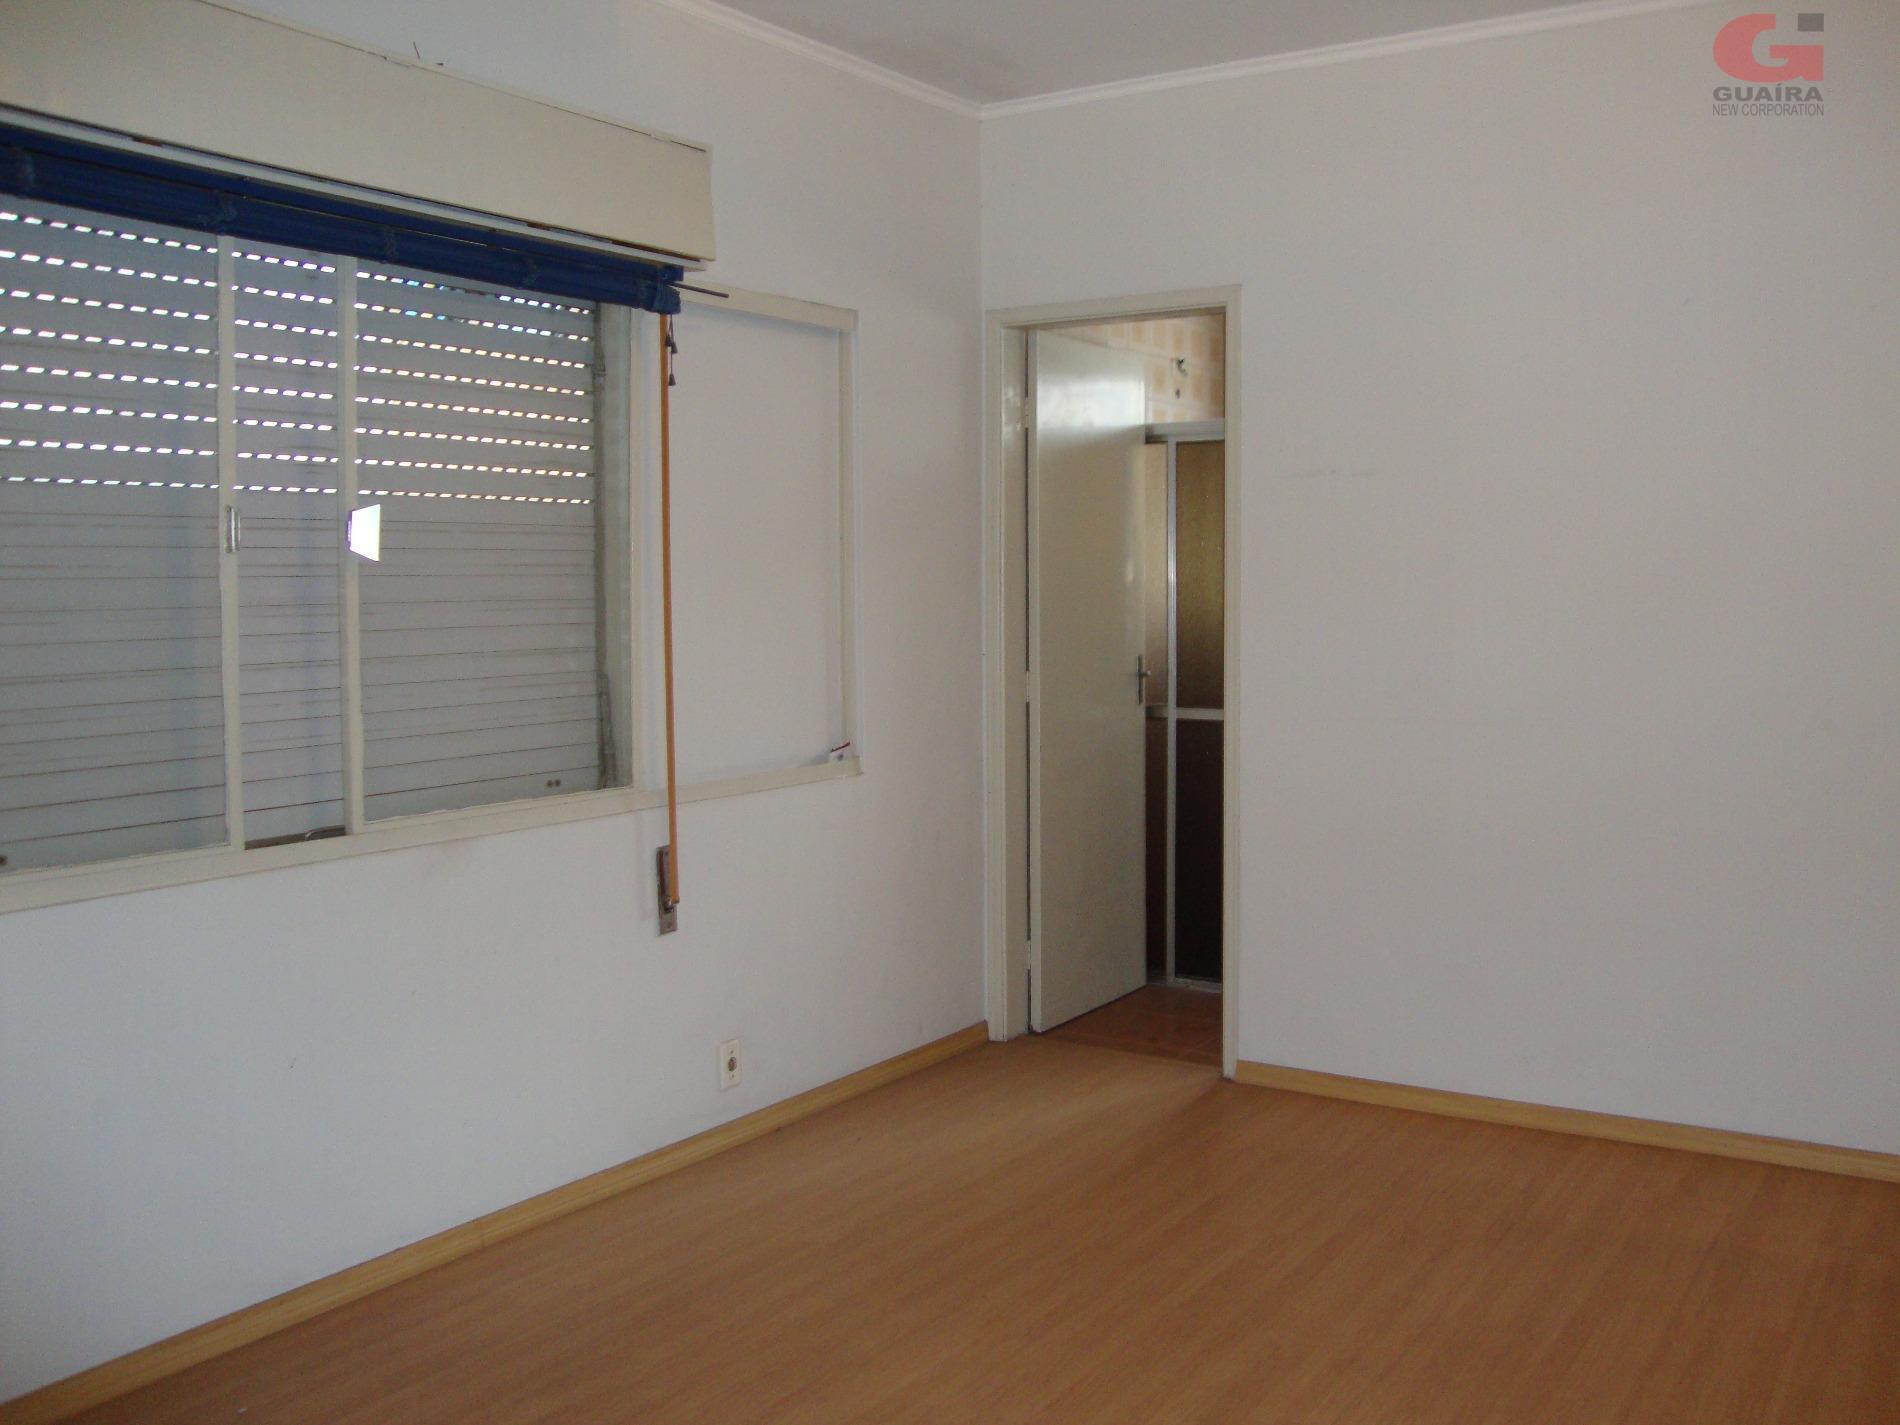 Sobrado de 4 dormitórios à venda em Vila Tibiriçá, Santo André - SP